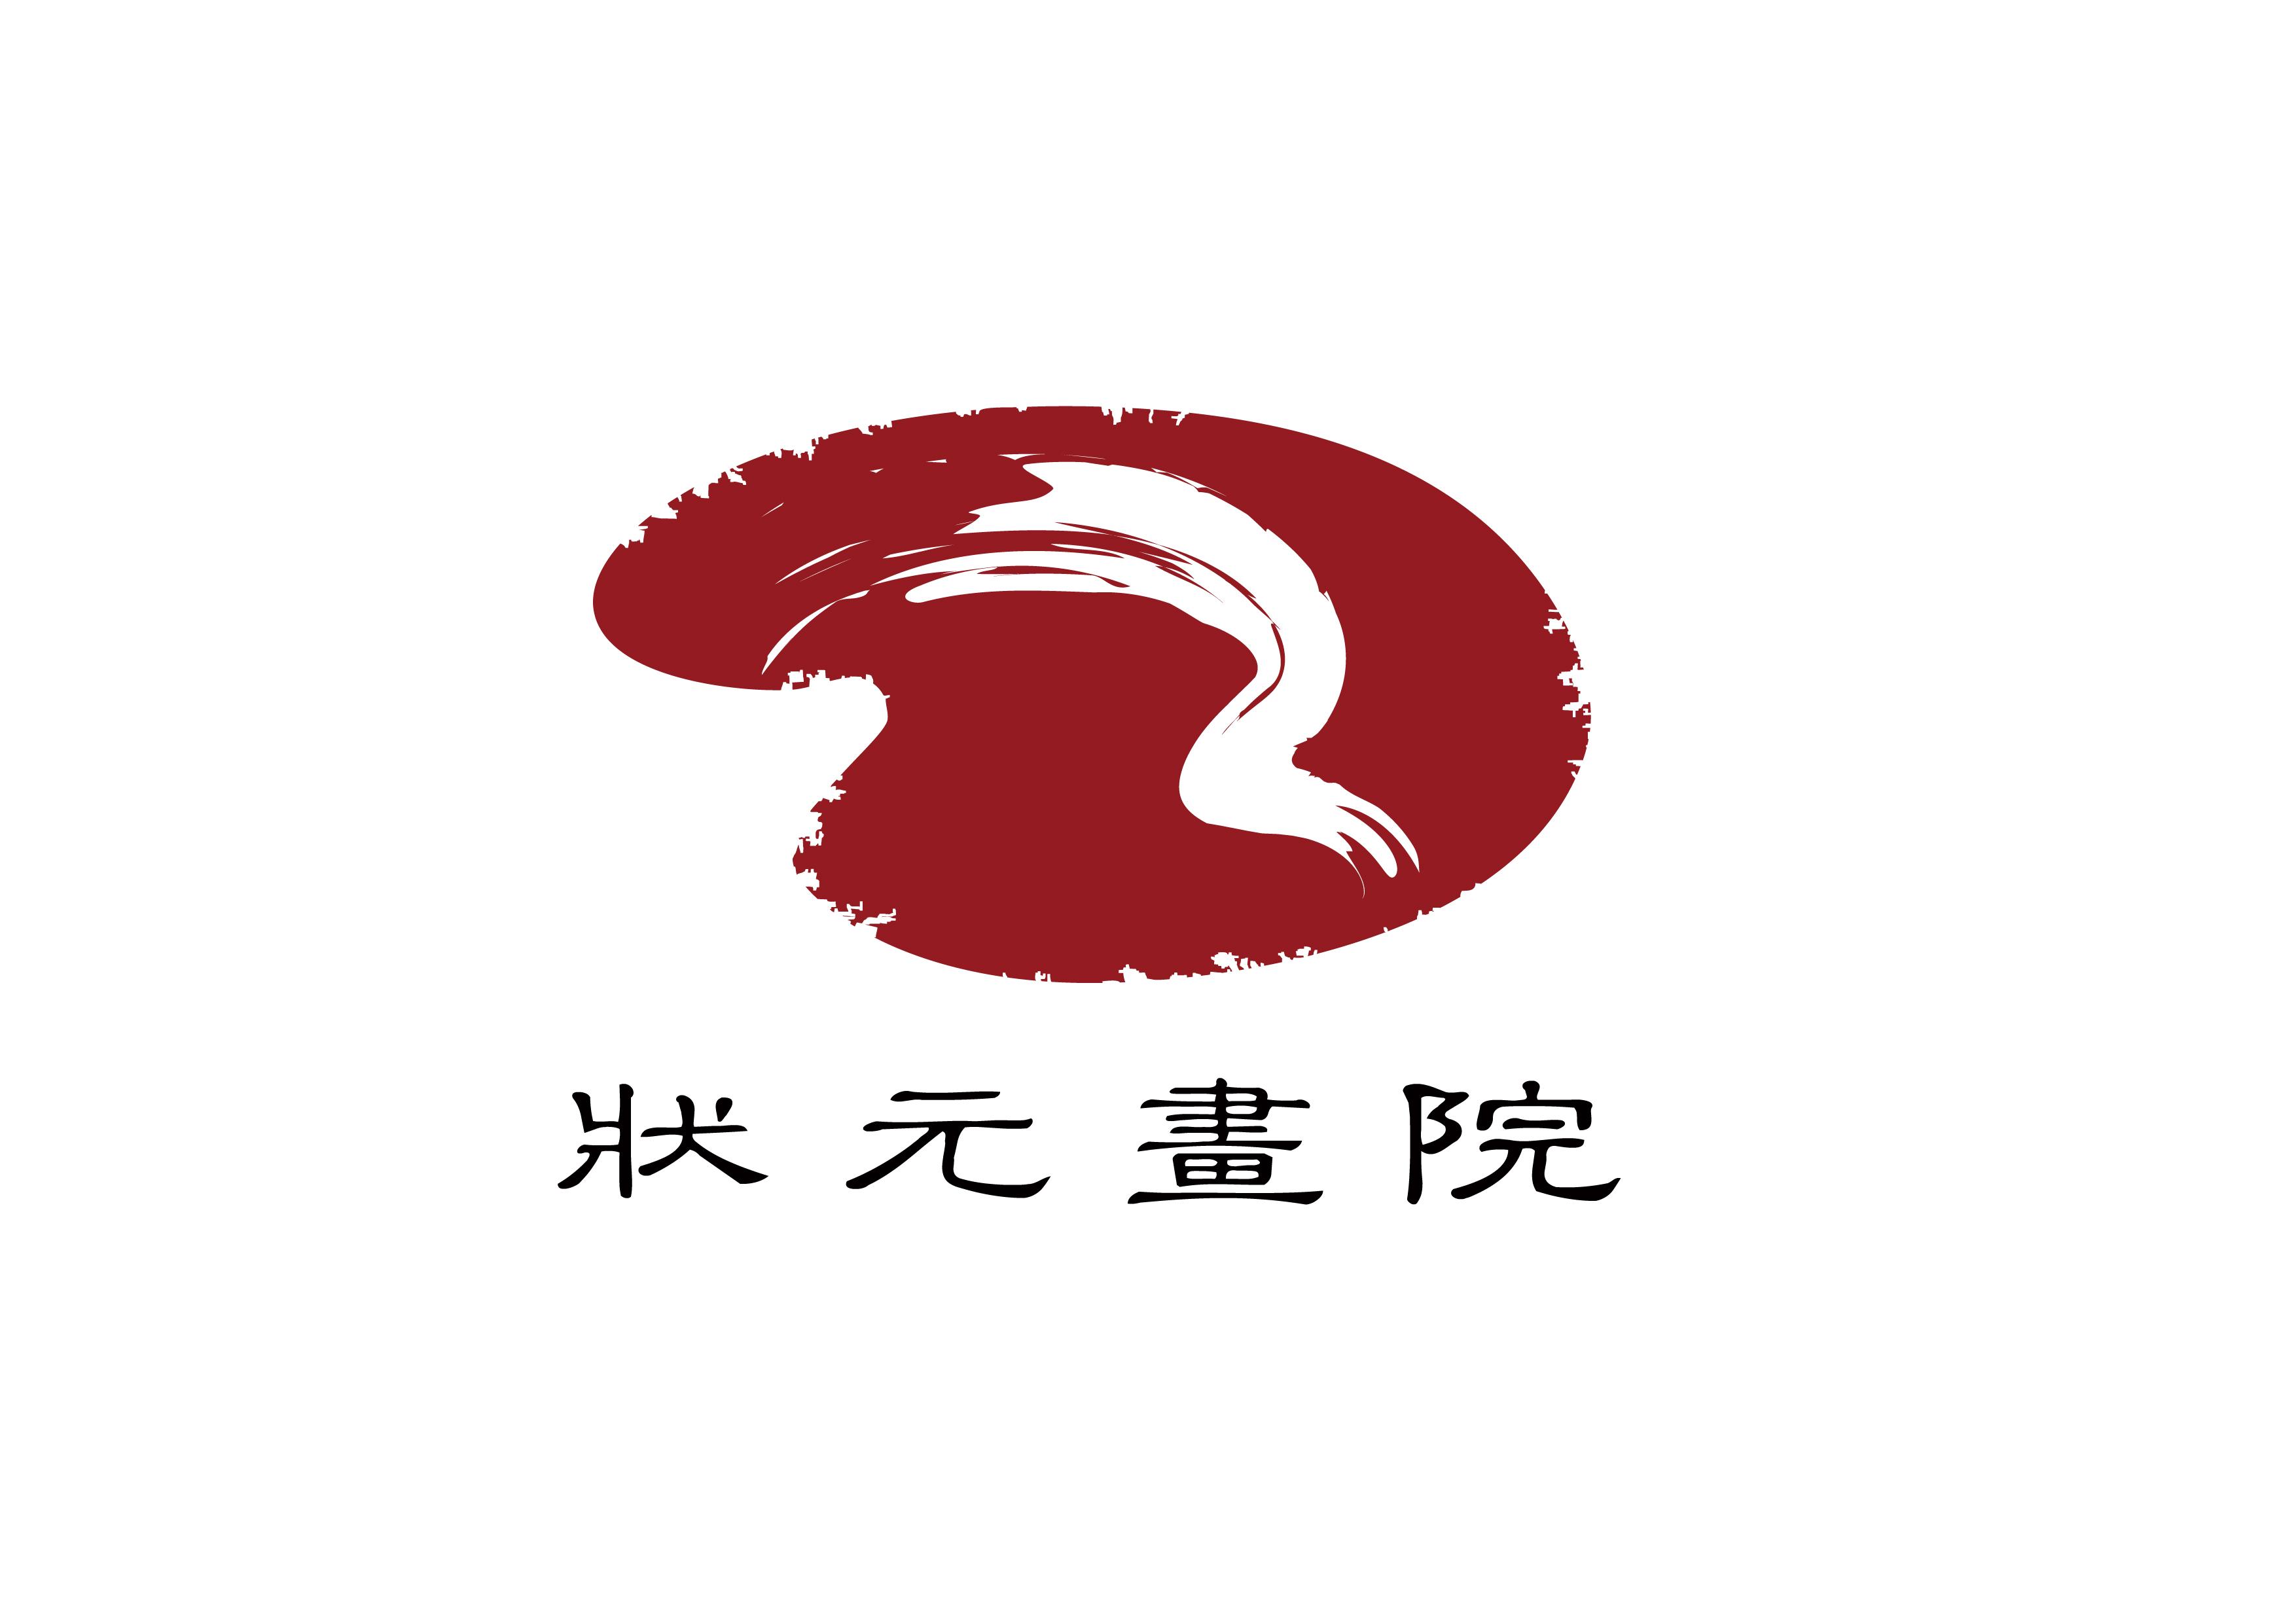 一个画室的logo《状元画院》图片